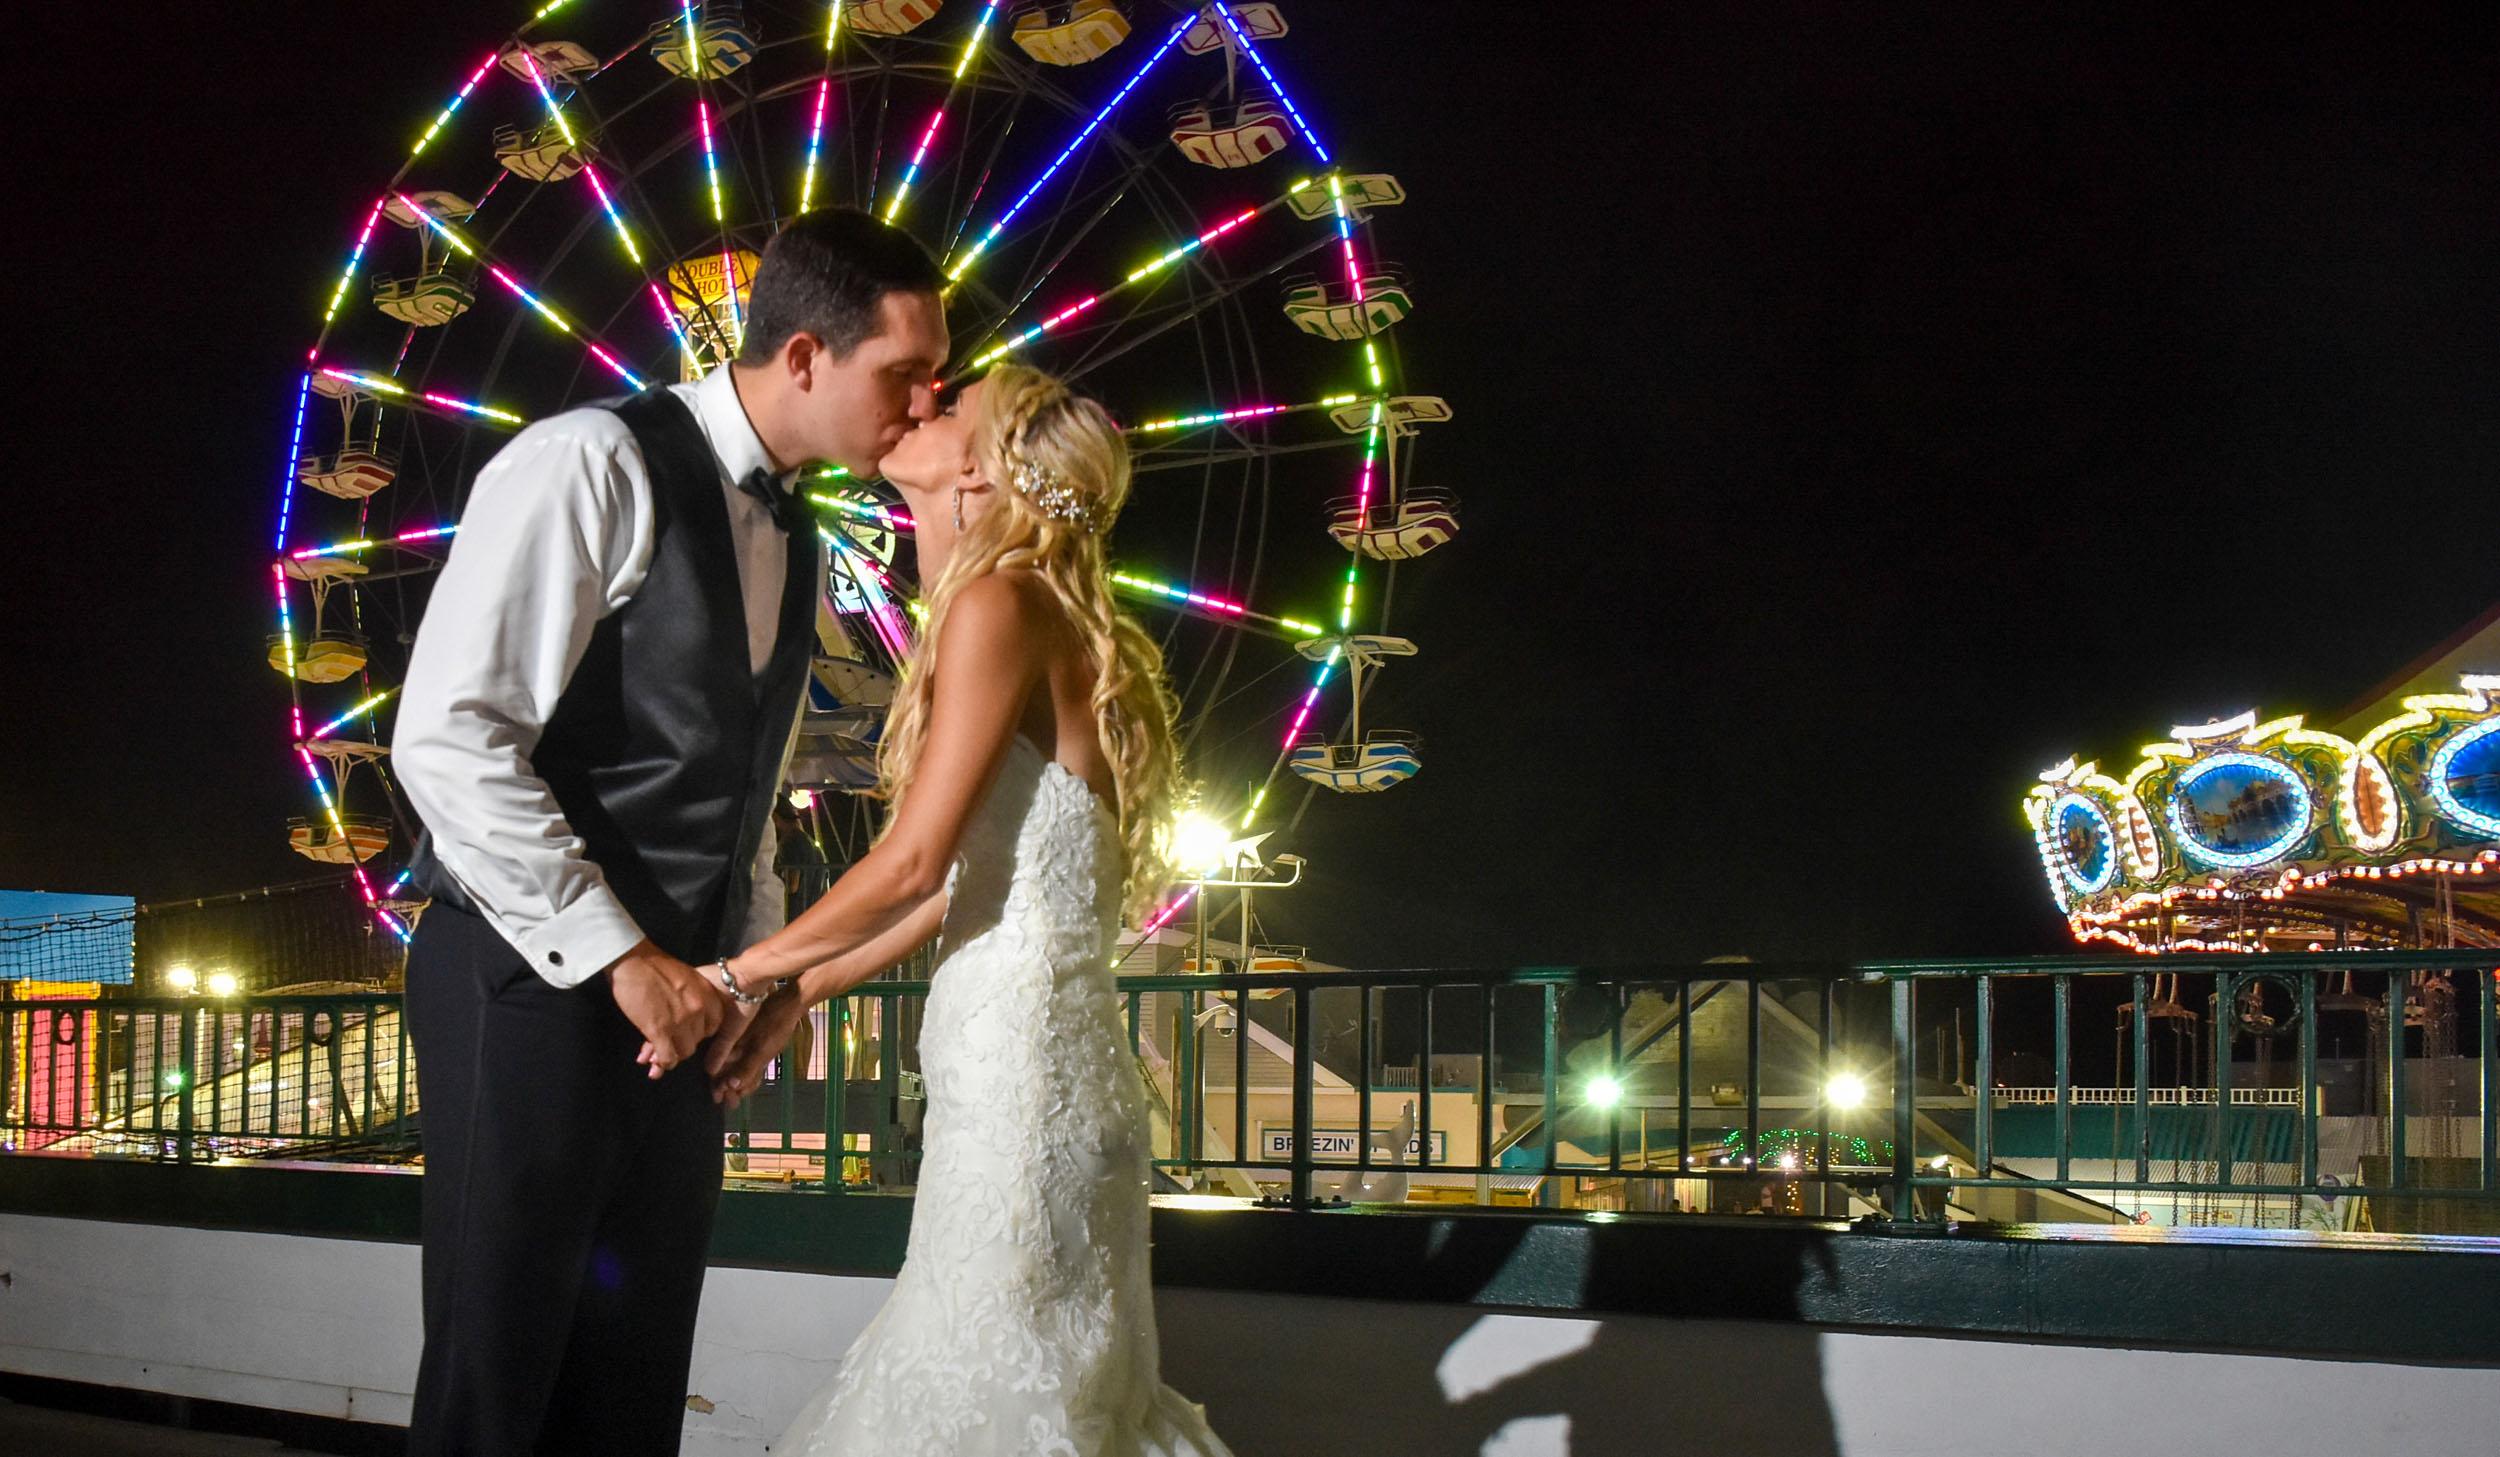 Flanders Hotel rooftop bride and groom